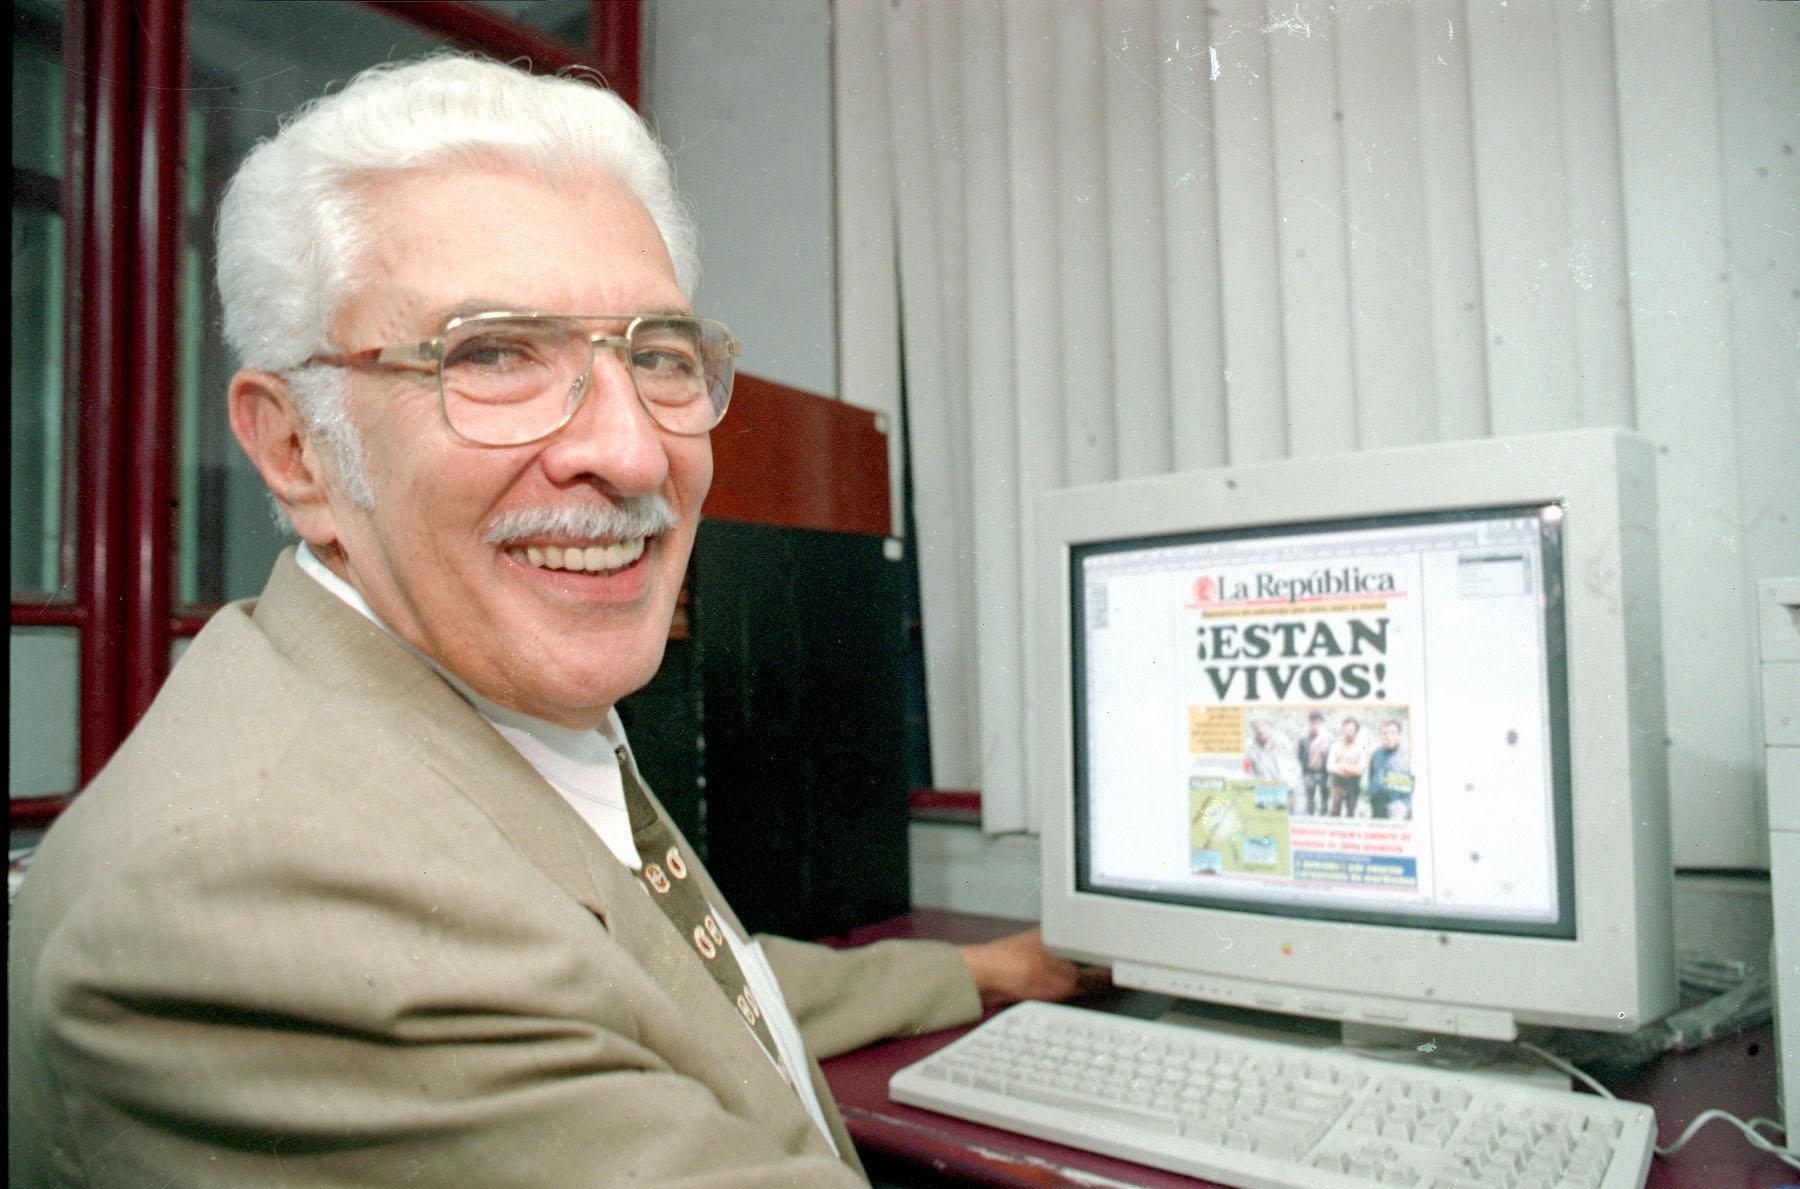 Fundación Mohme saluda al diario La República por su aniversario